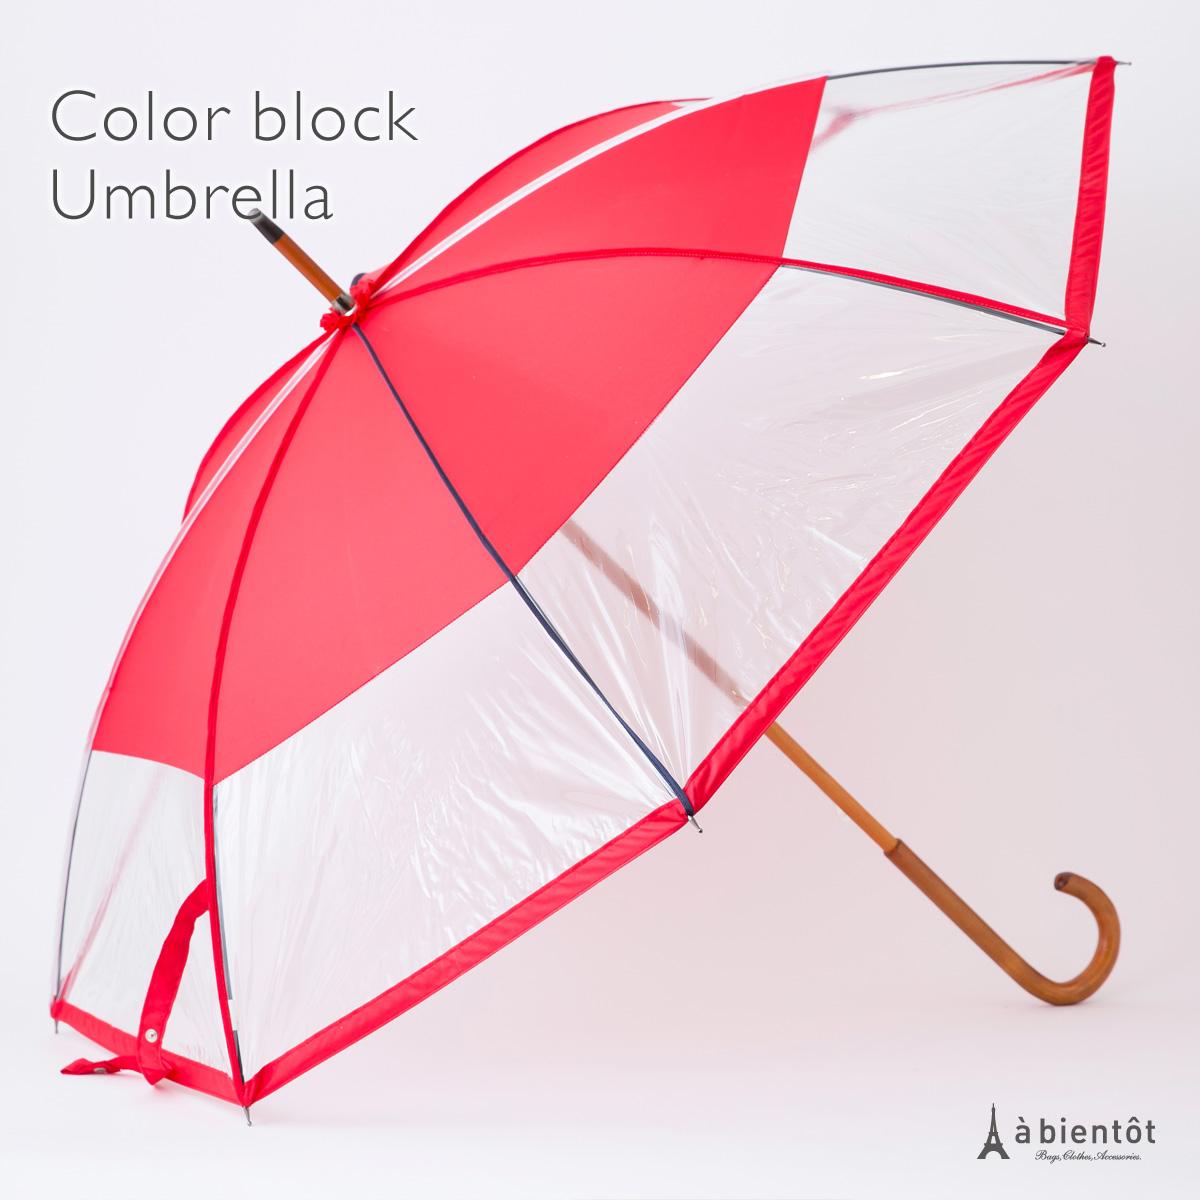 【SOFRAP】ソフラップ カラーブロックアンブレラ (傘 雨傘 ブランド レディース かさ おしゃれ かわいい オシャレ 女性 ブランド レッド 赤 ビニール 梅雨対策 母の日 ギフト 誕生日プレゼント 大きめ 105cm )